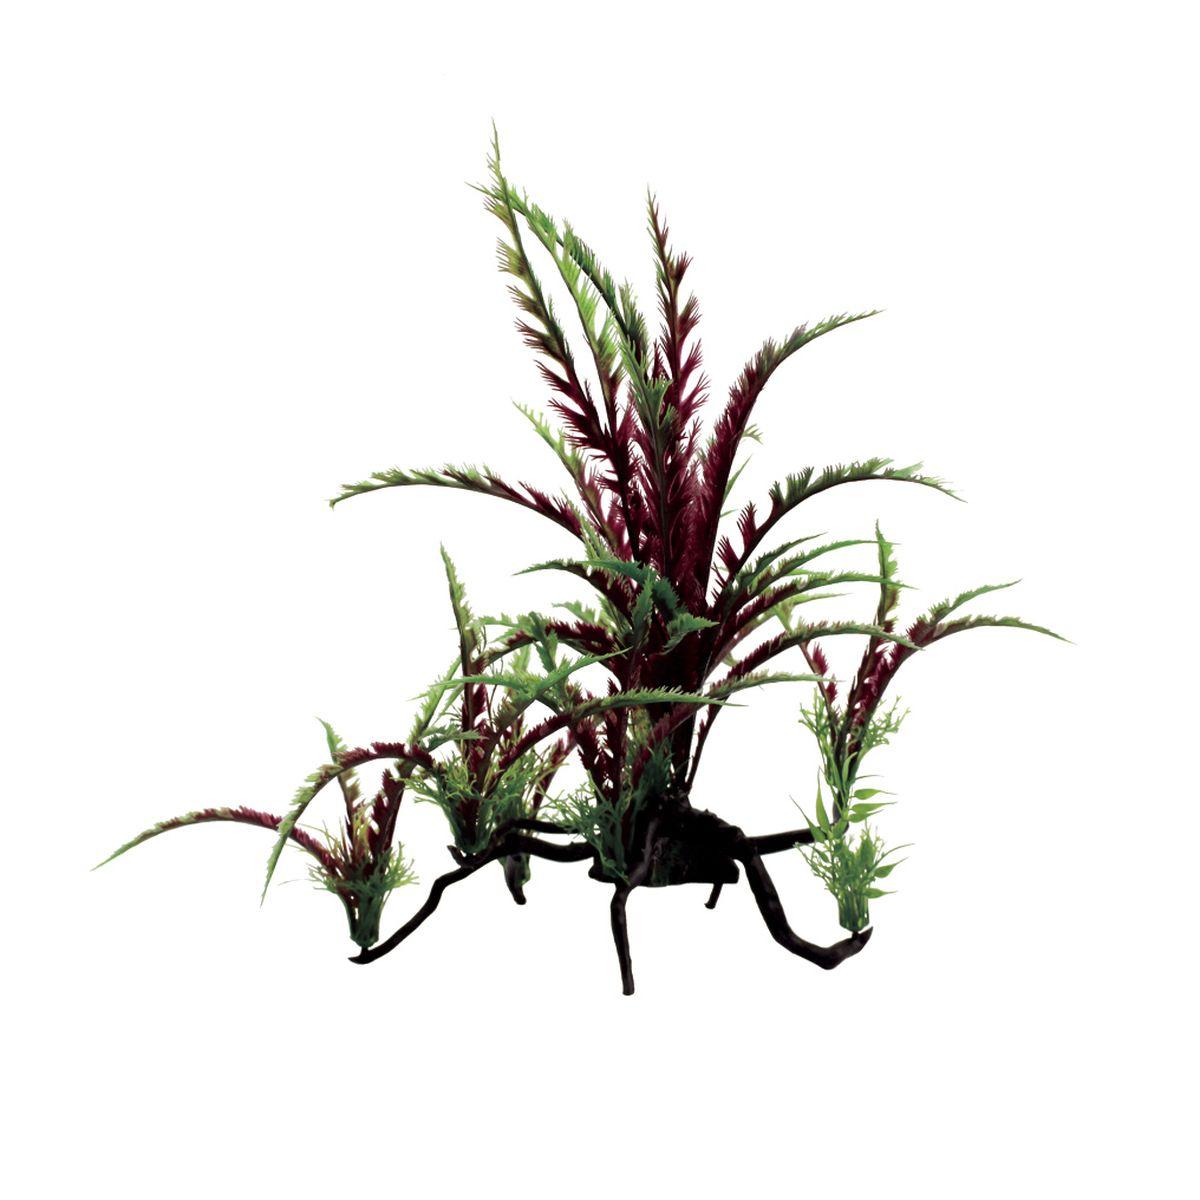 Композиция из растений для аквариума ArtUniq Дизиготека красная , 40 x 25 x 38 смART-1130303Композиция из растений для аквариума ArtUniq Дизиготека красная , 40 x 25 x 38 см